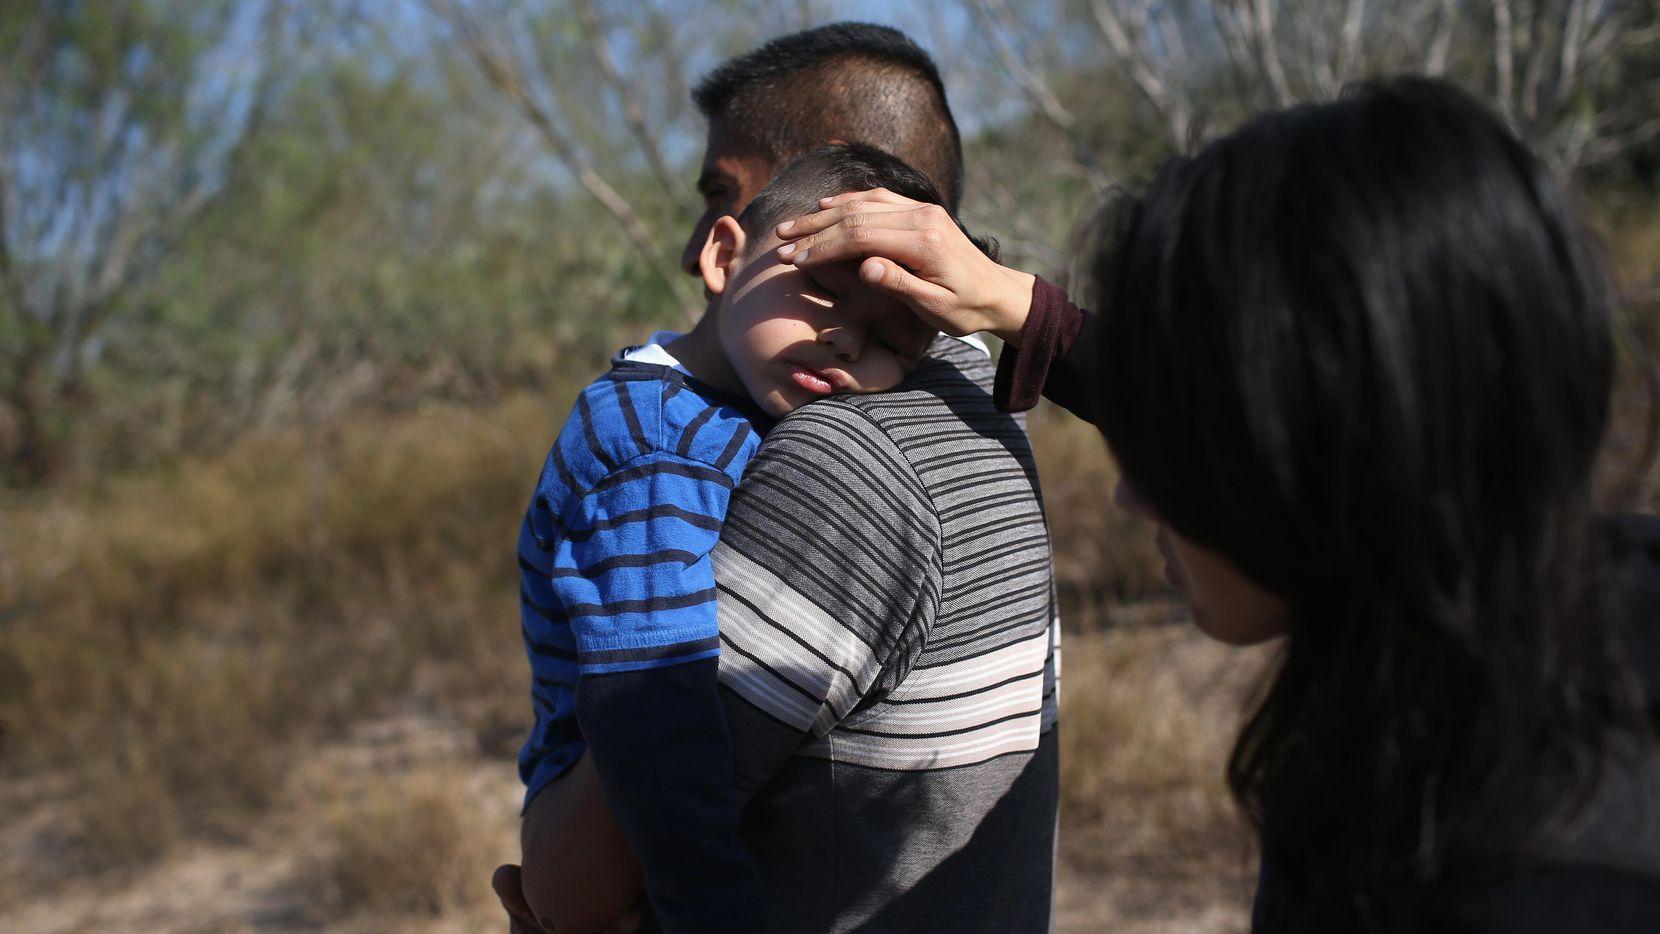 Una madre tapa el sol en la cara de su hijo luego de cruzar la frontera de México hacia Estados Unidos. Esta familia luego fue detenida por la Patrulla Fronteriza.(GETTY IMAGES)